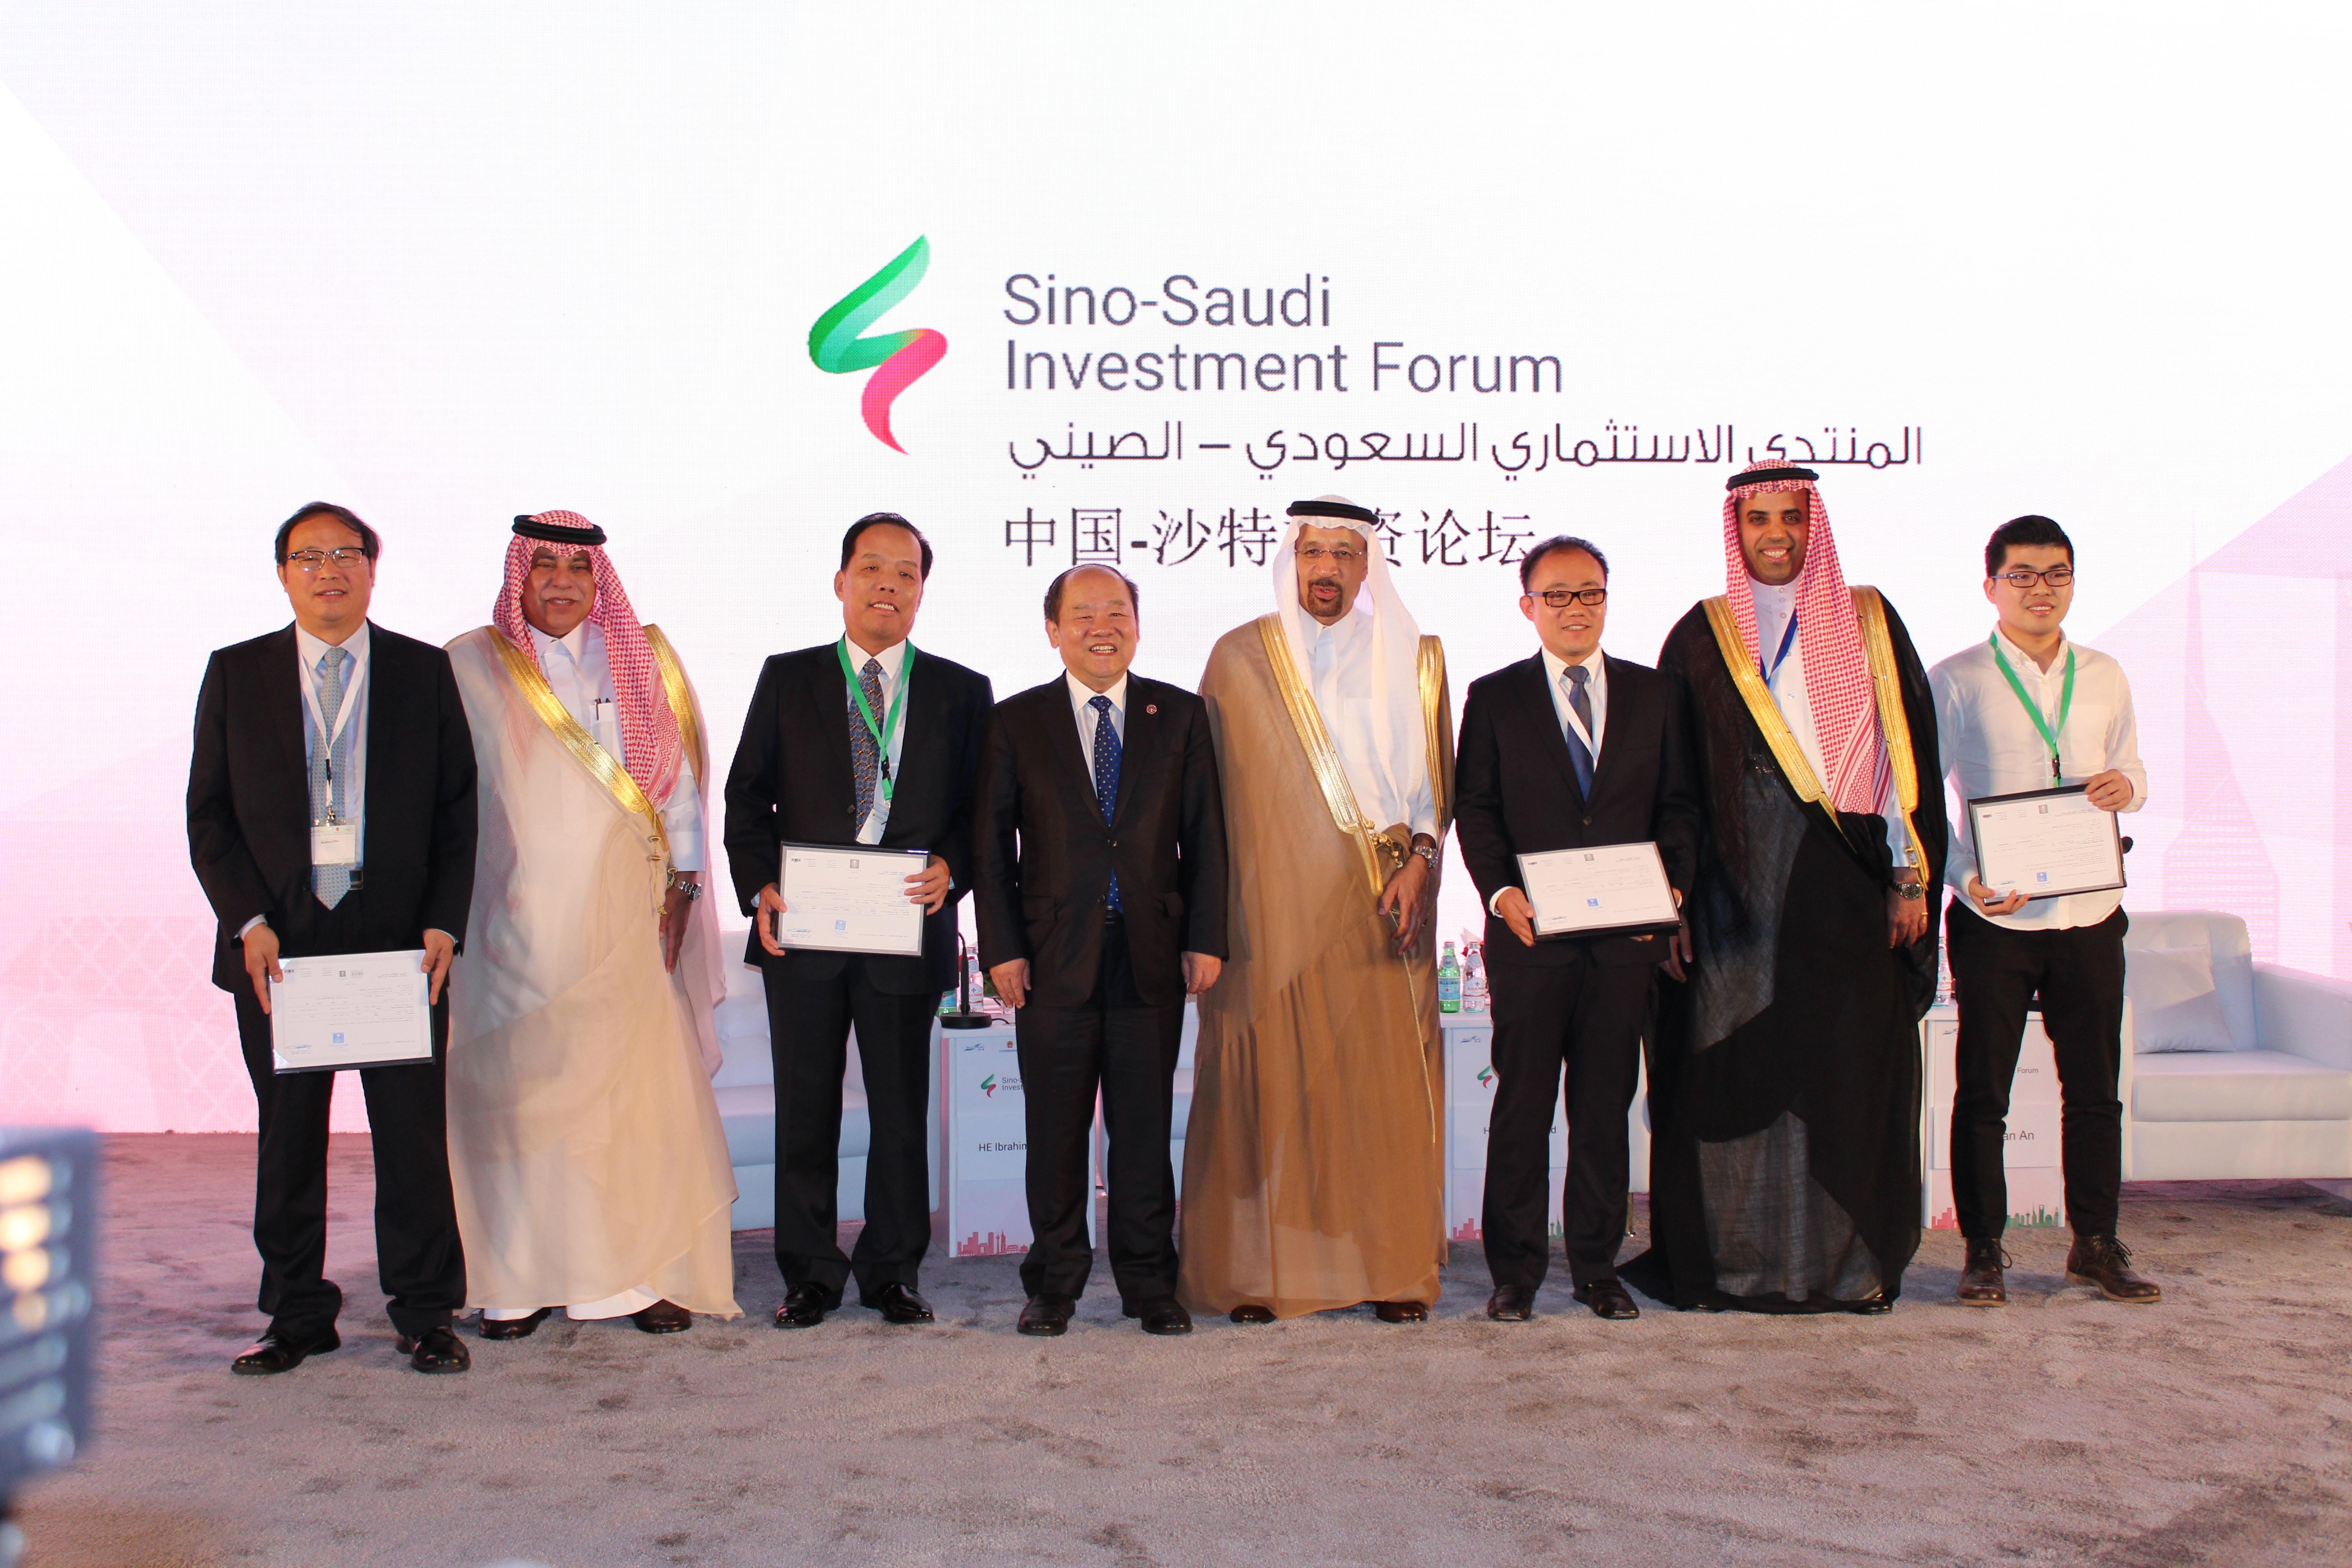 正式获得沙特投资总局颁发的工业投资许可